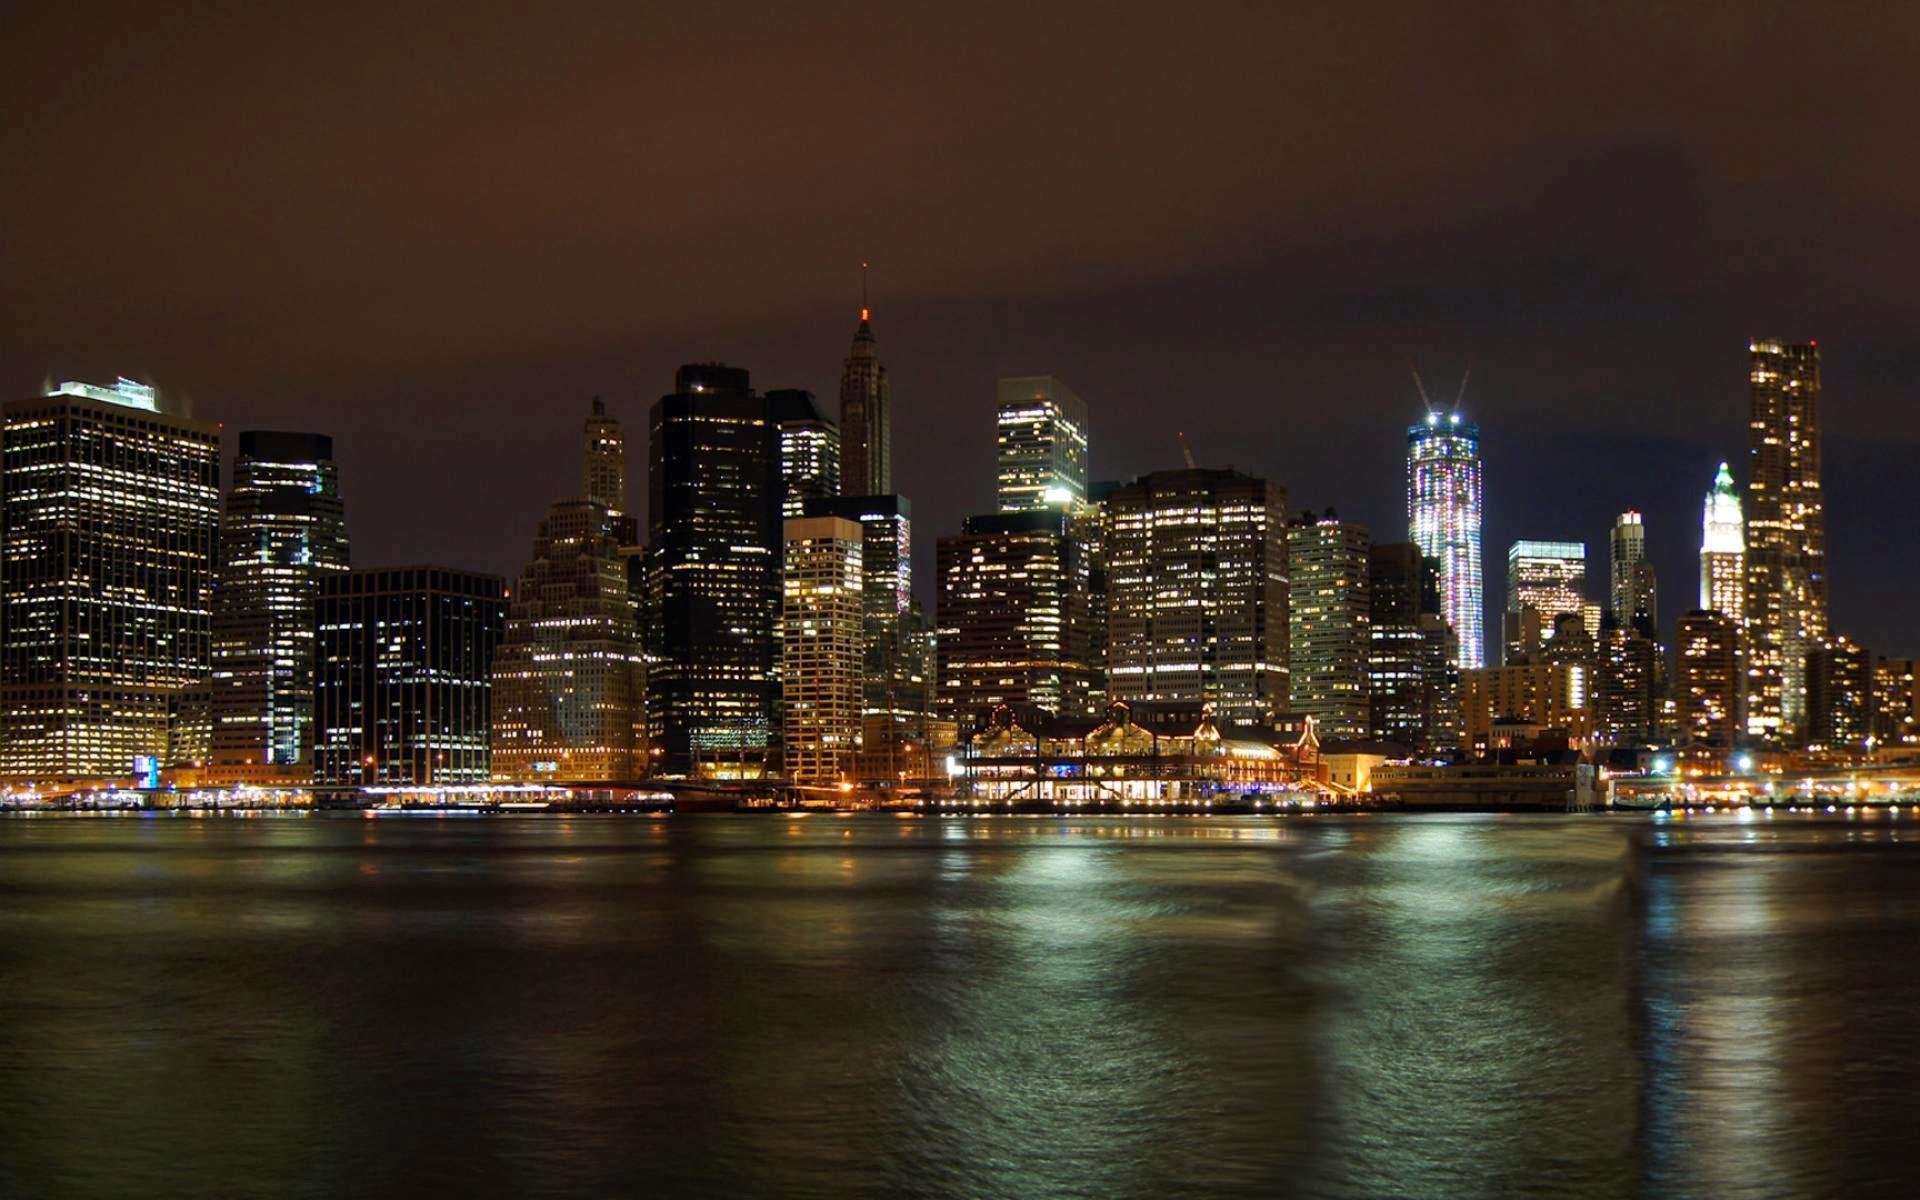 New york night city wallpaper full hd desktop wallpapers 1080p - Wallpaper 1080p new york ...